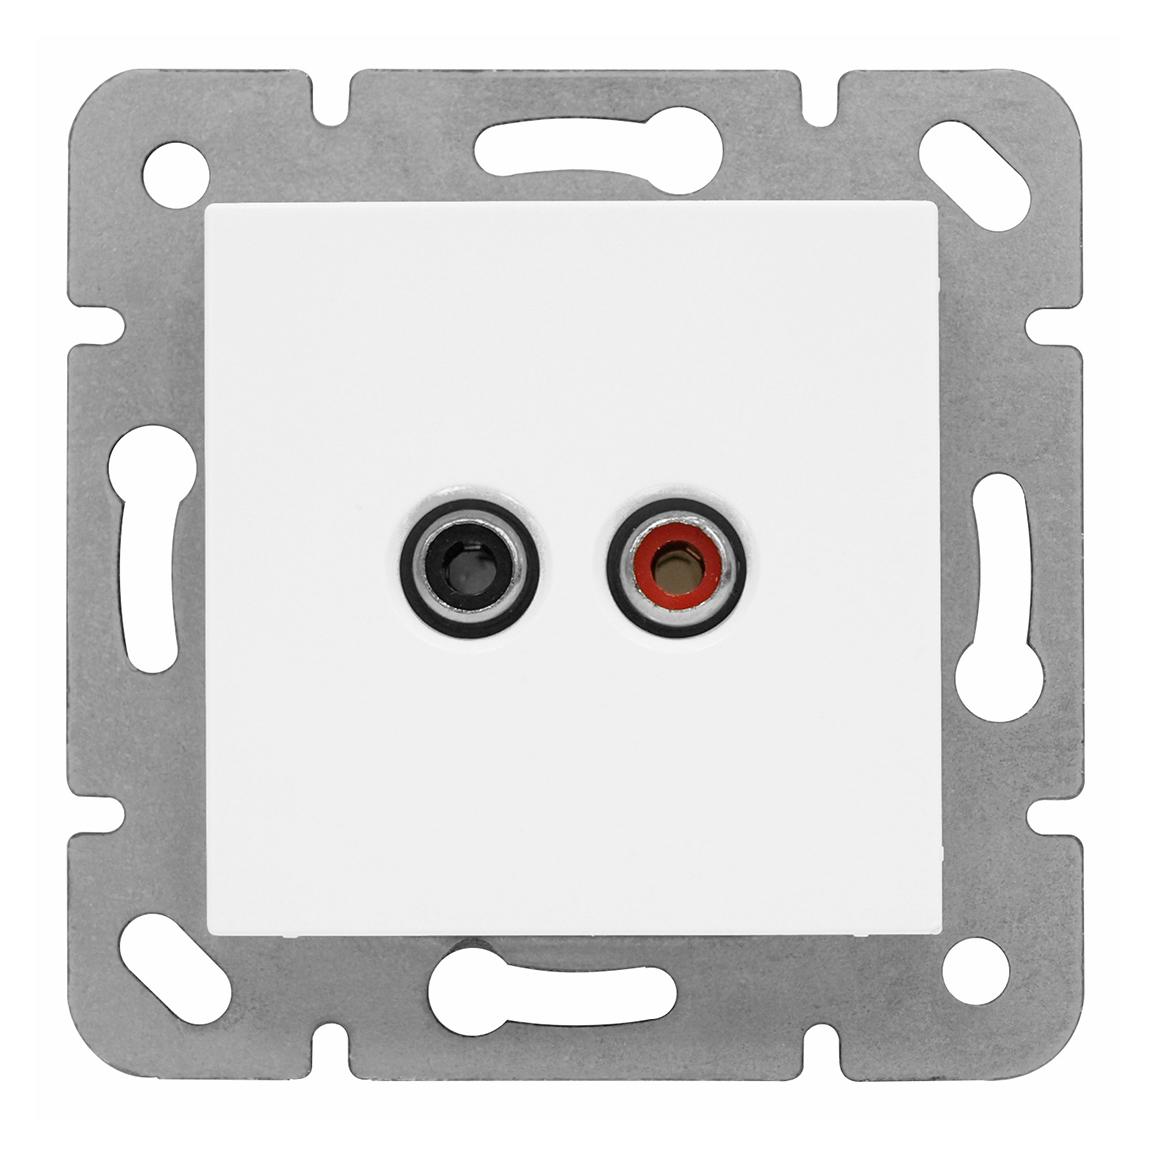 1 Stk Cinch Audiosteckdose, Schraubkontakte EV104008--